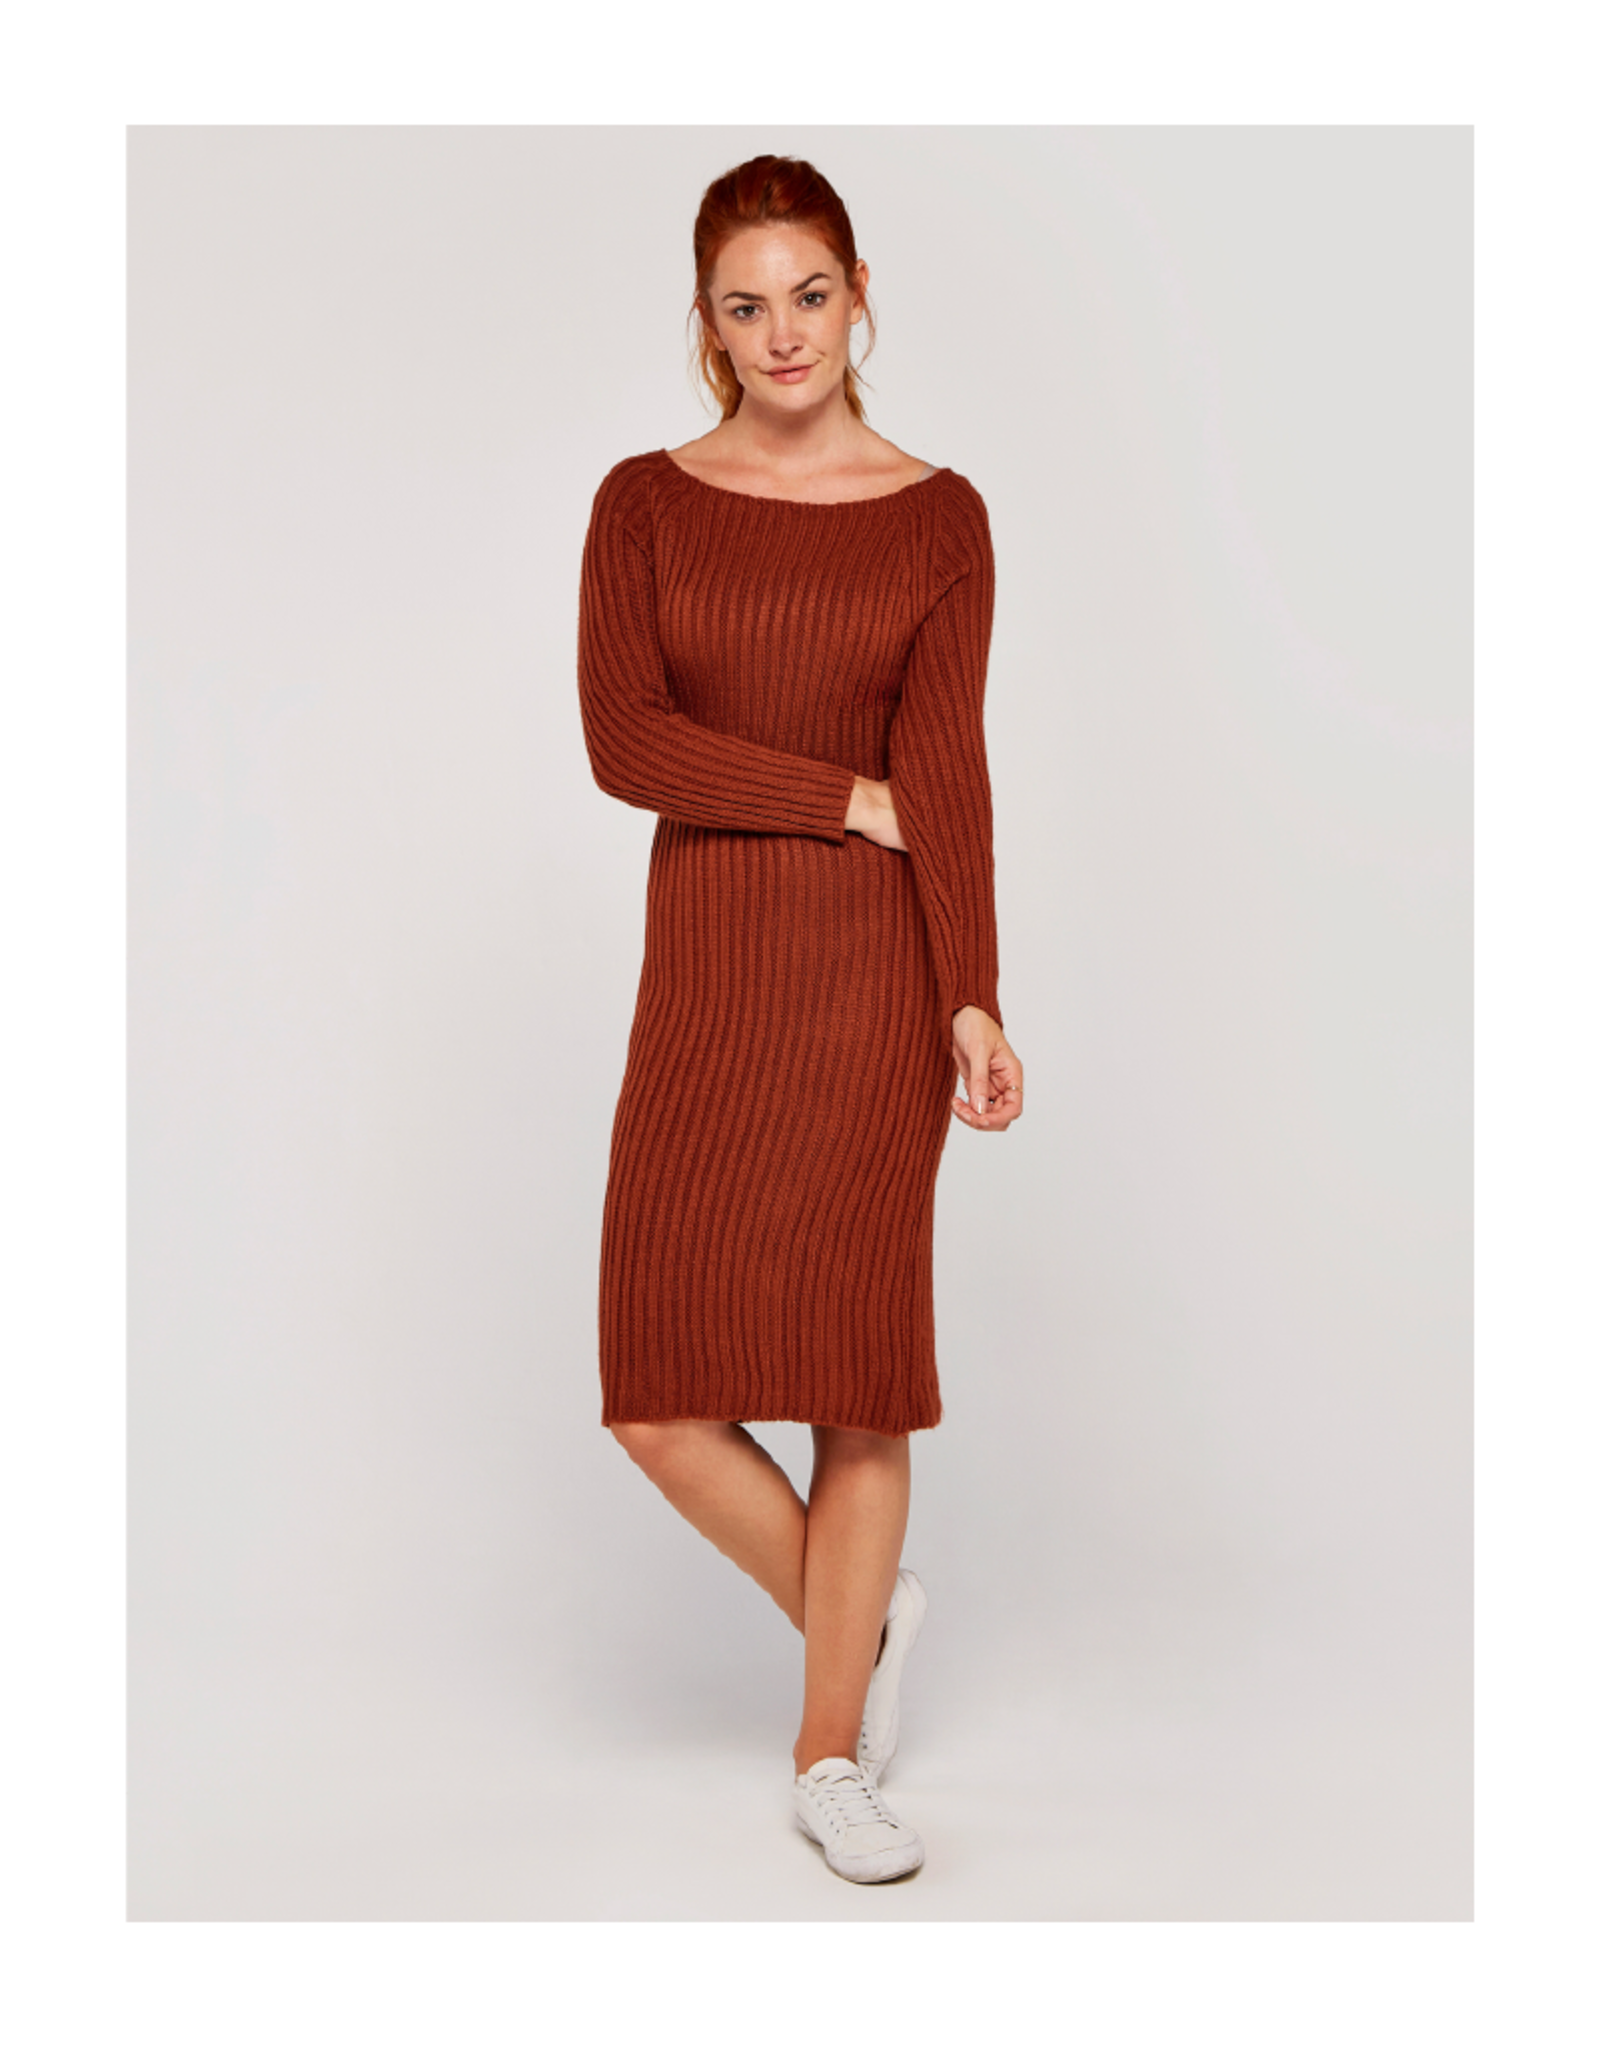 Apricot Rib-Knit Open Back Dress